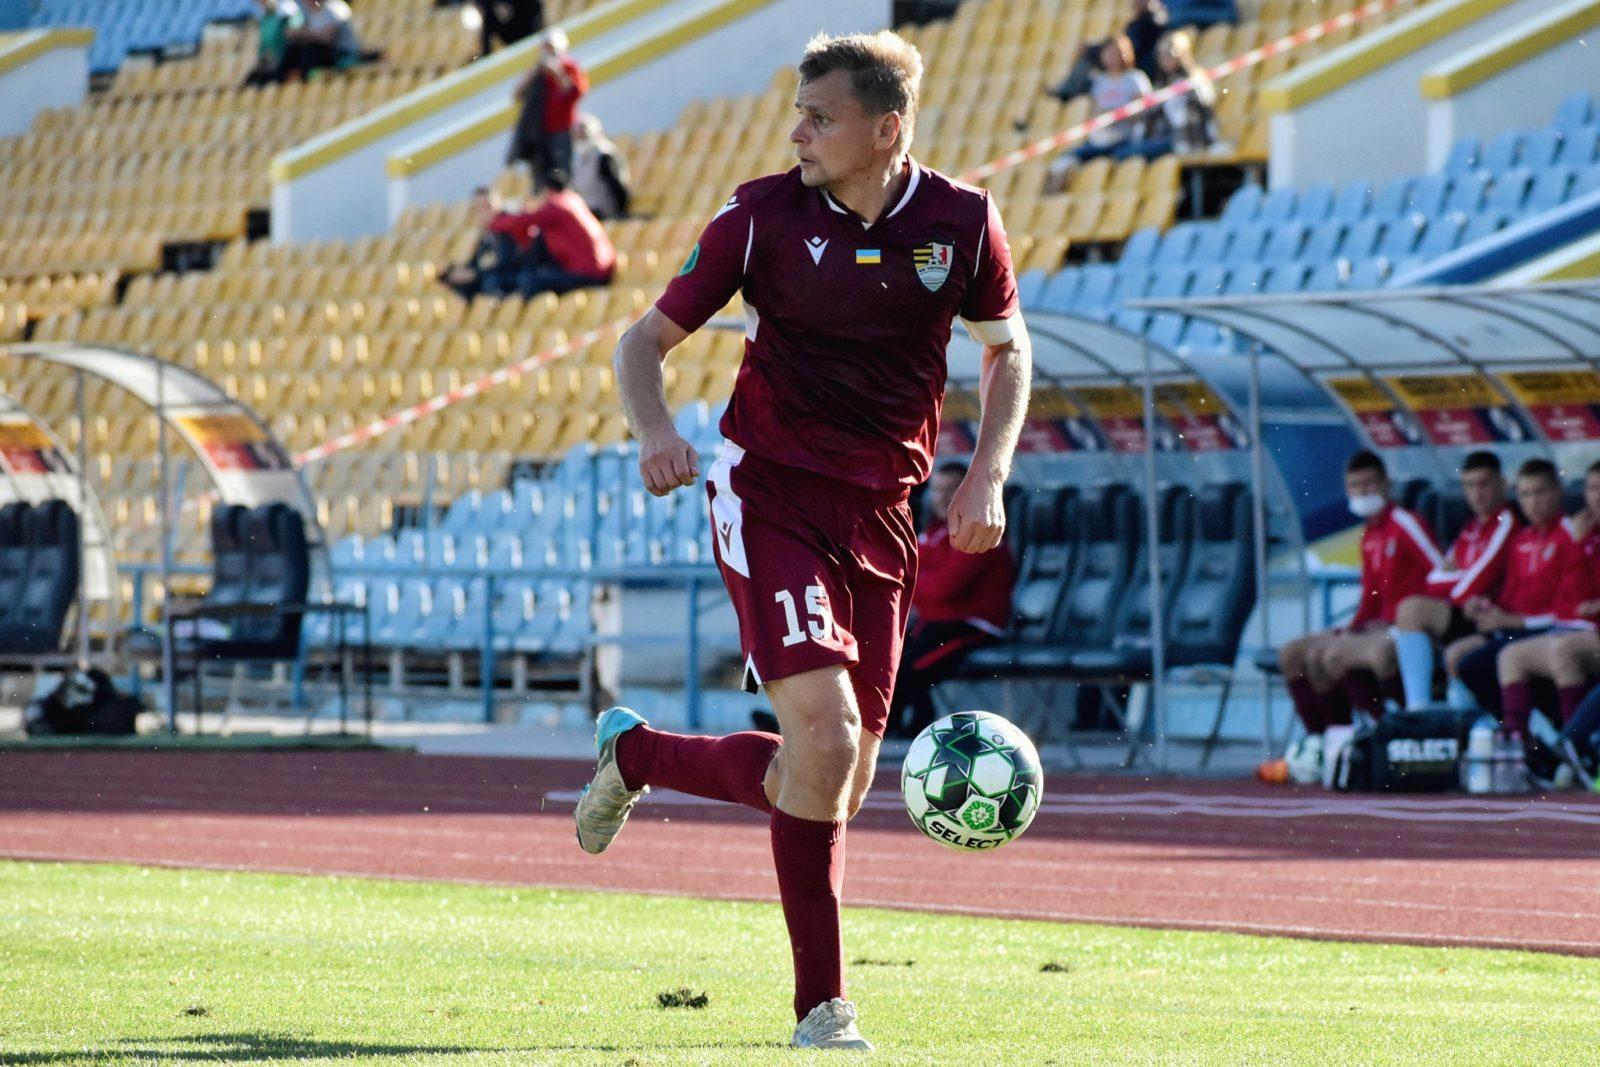 Гравець проаналізував виступ команди у першому колі чемпіонату Другої ліги, розповів про підготовку до другої частини змагань, а також про мікроклімат у колективі.